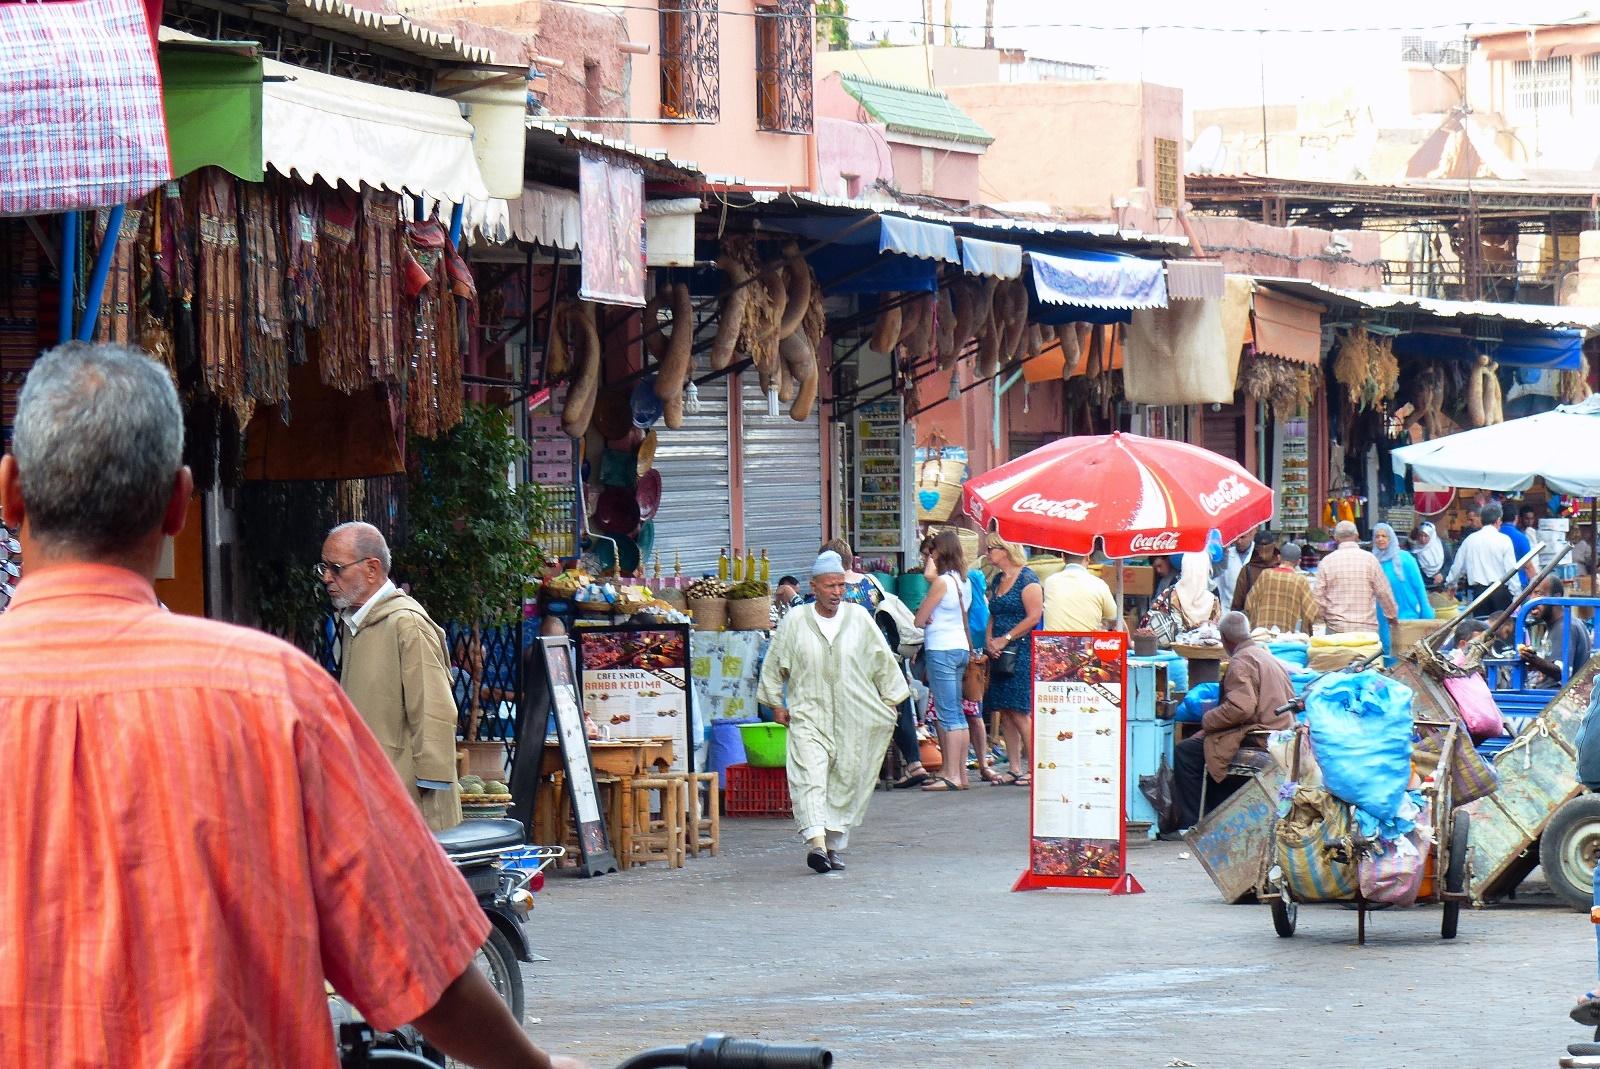 様々な店が連なるスーク(市場)を散策